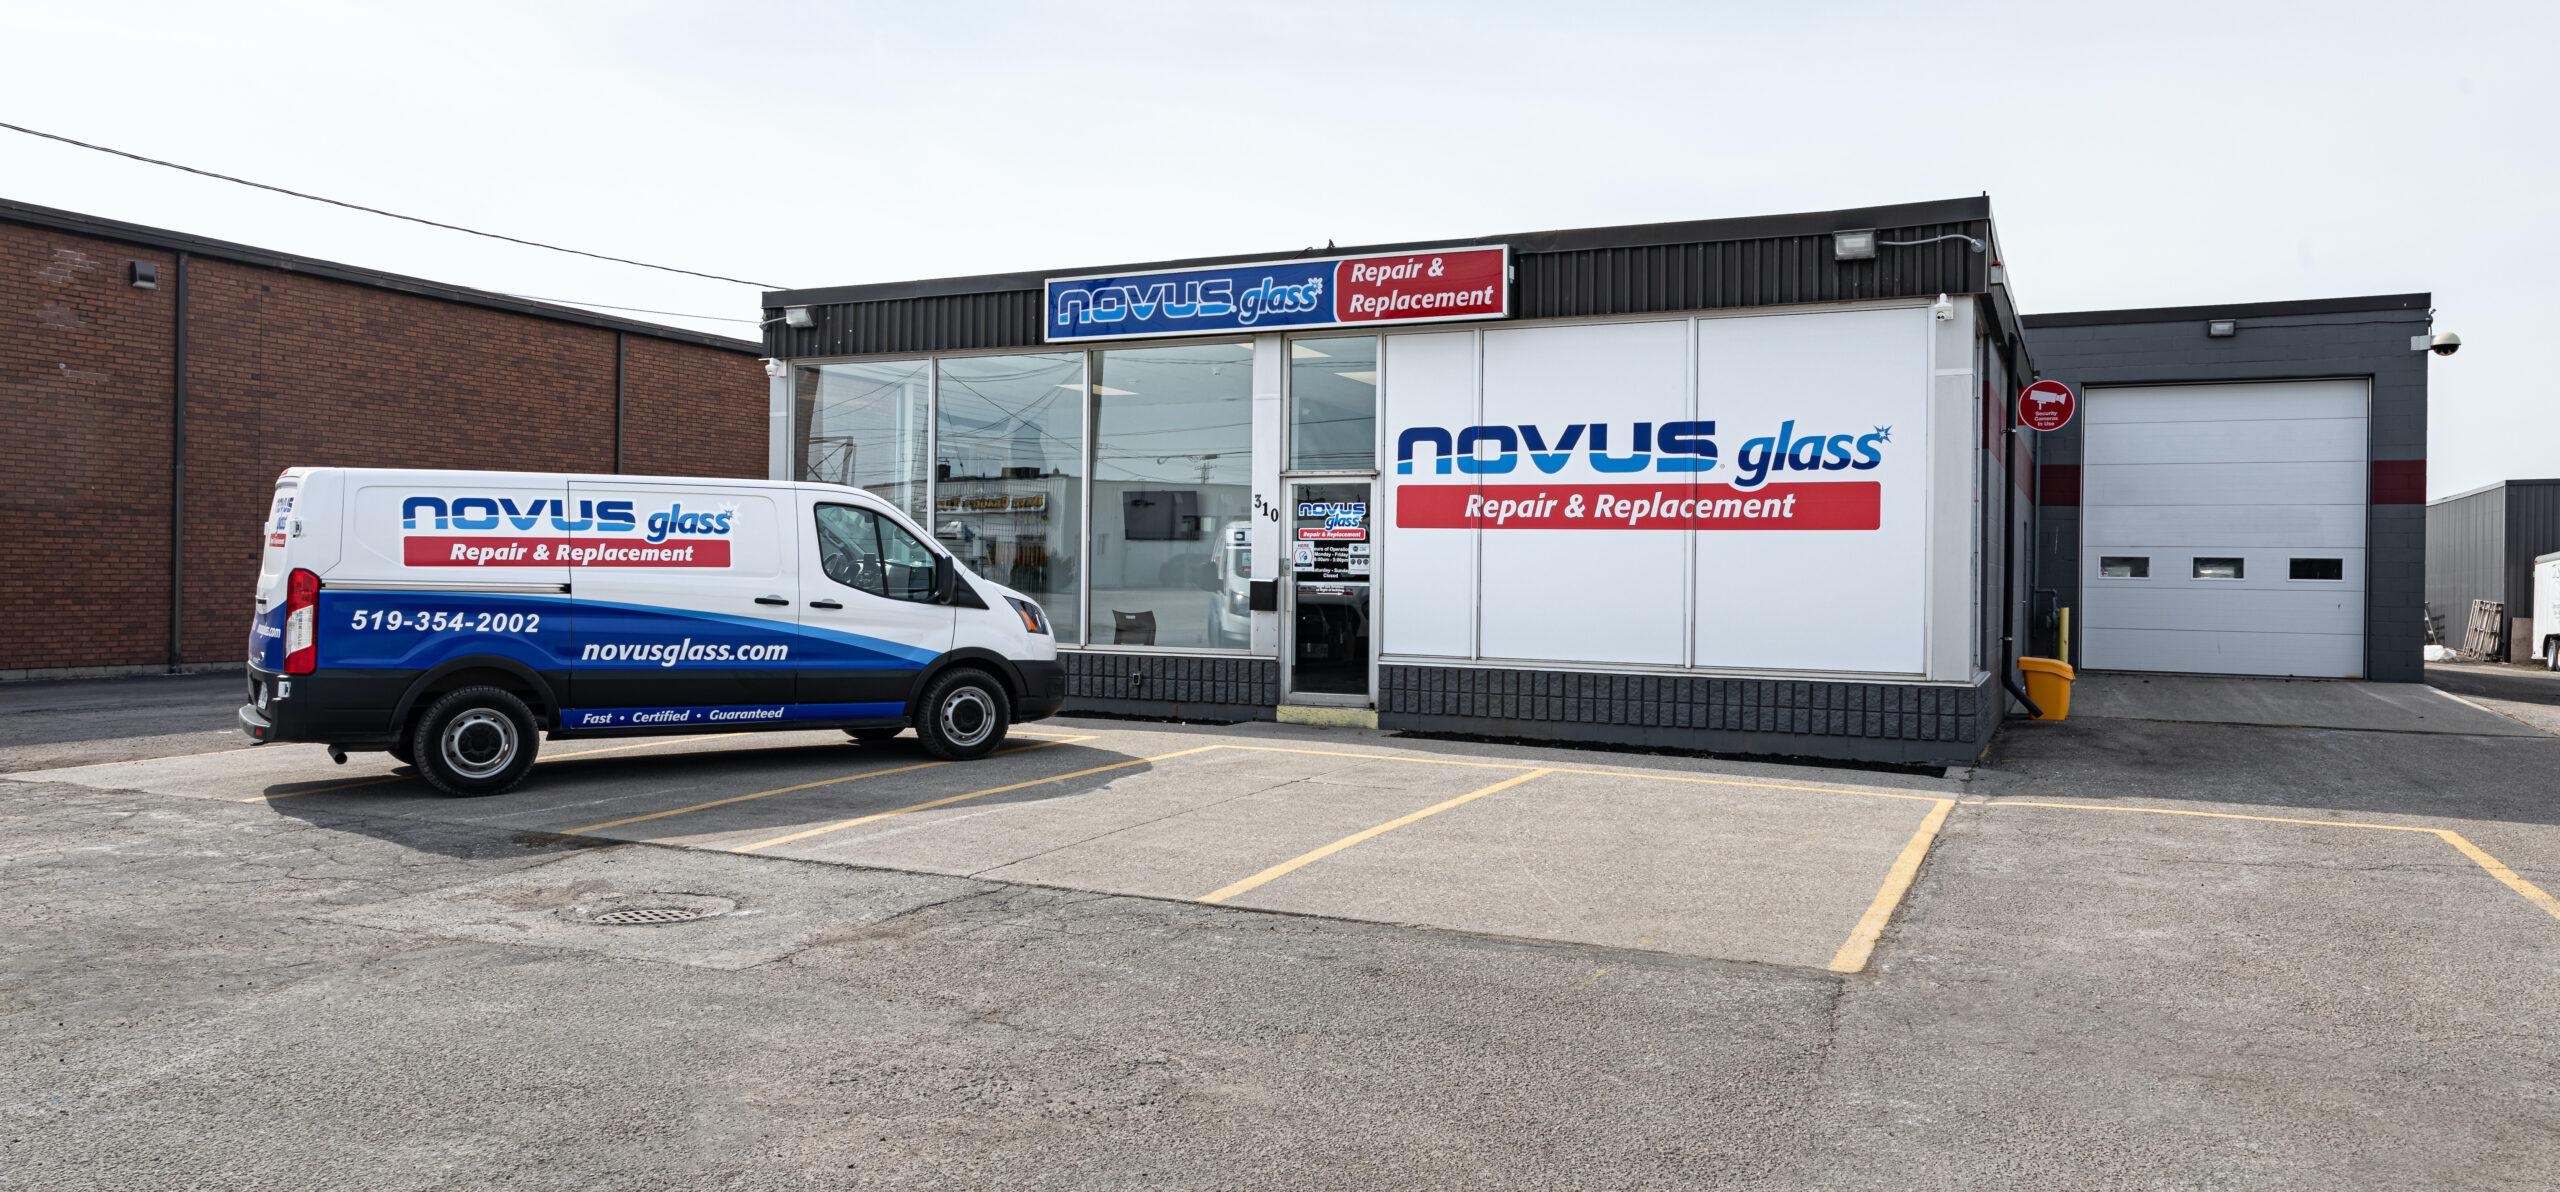 NOVUS Glass Chatham outside